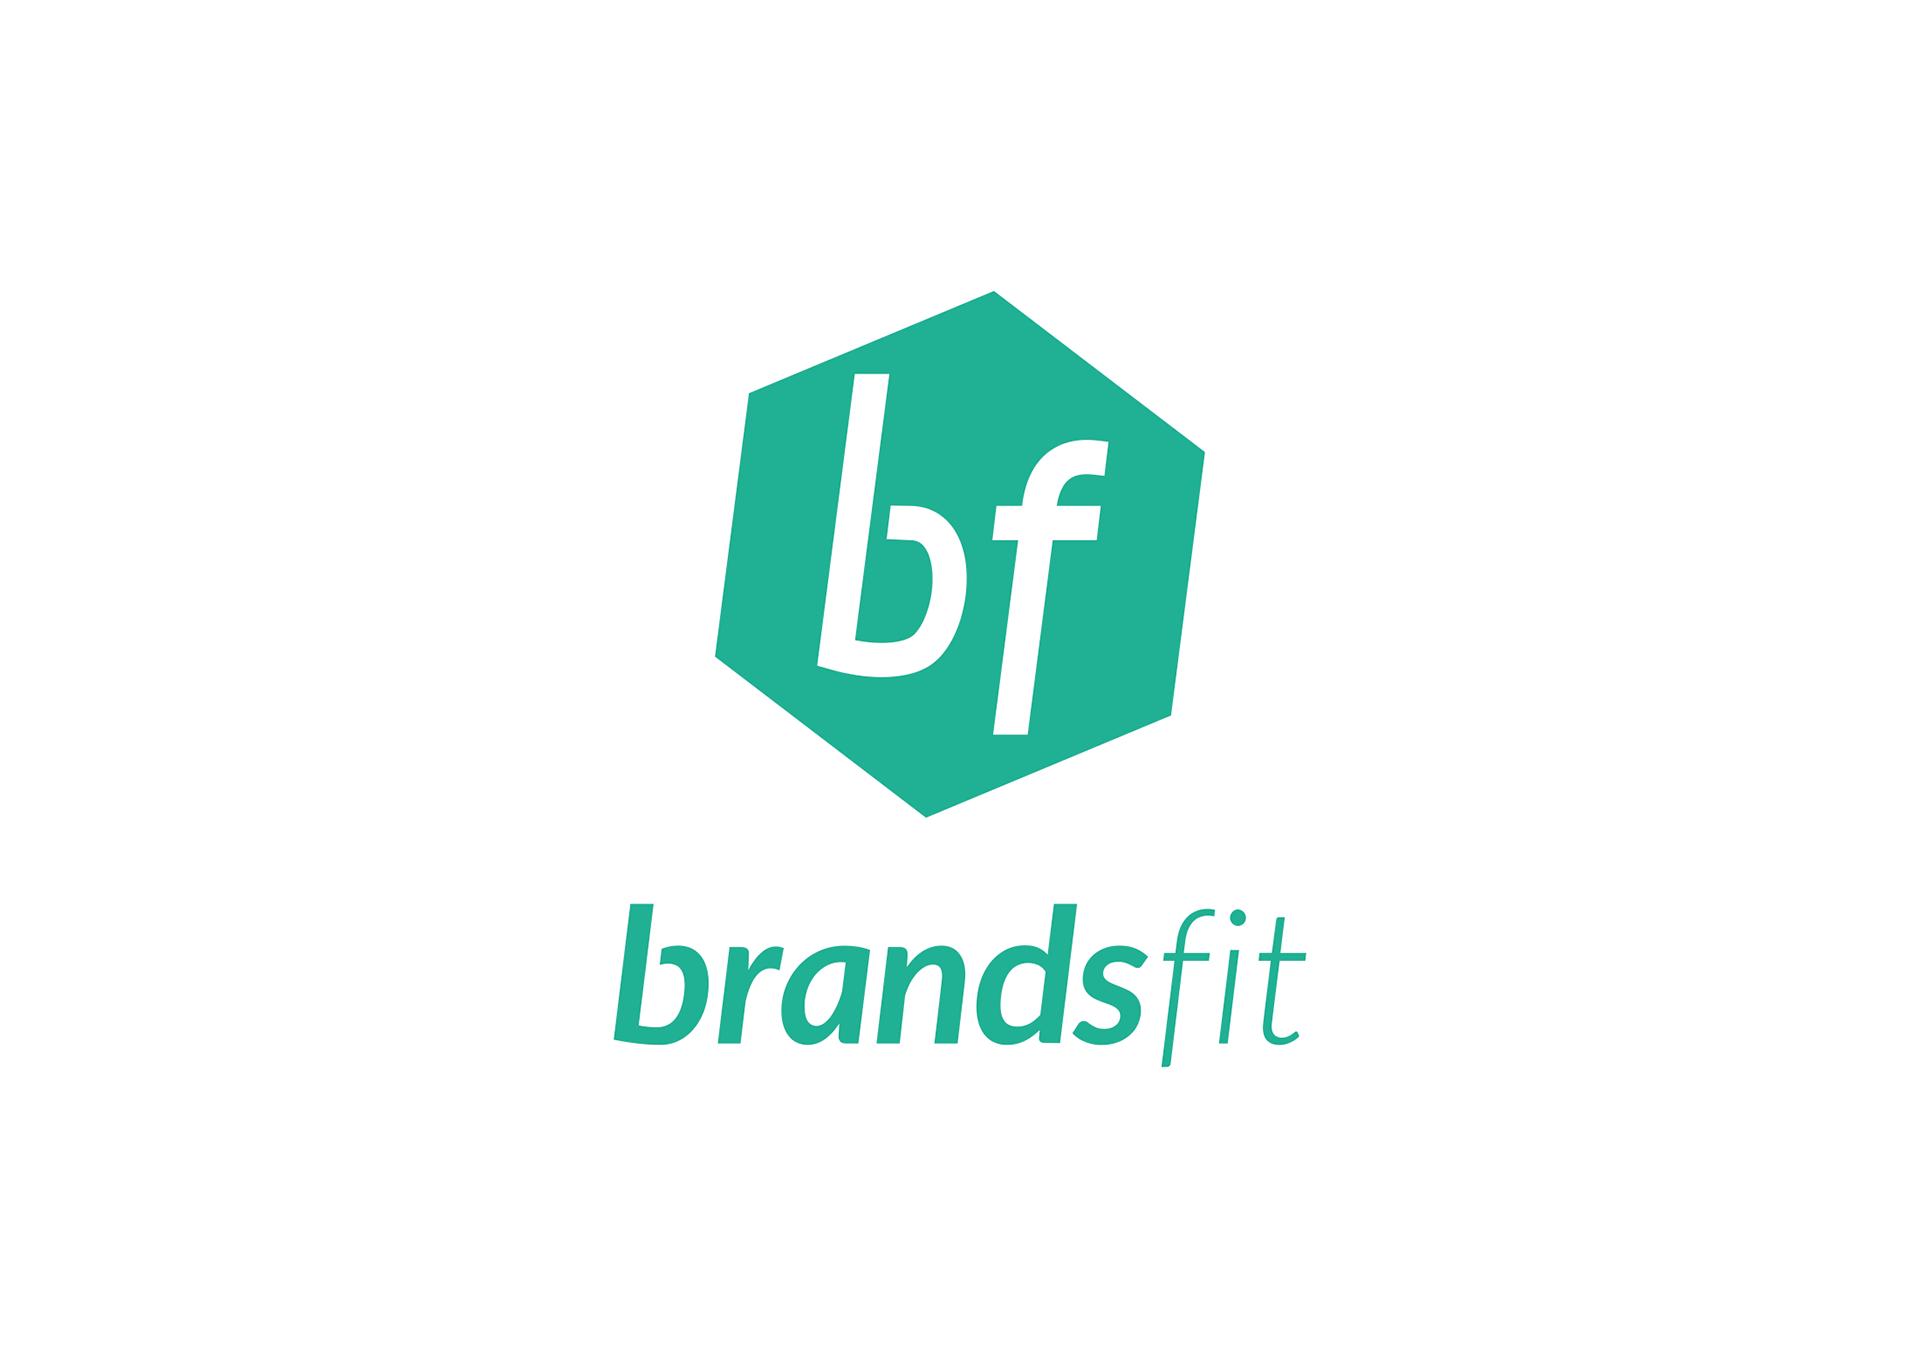 Brandsfit main logo